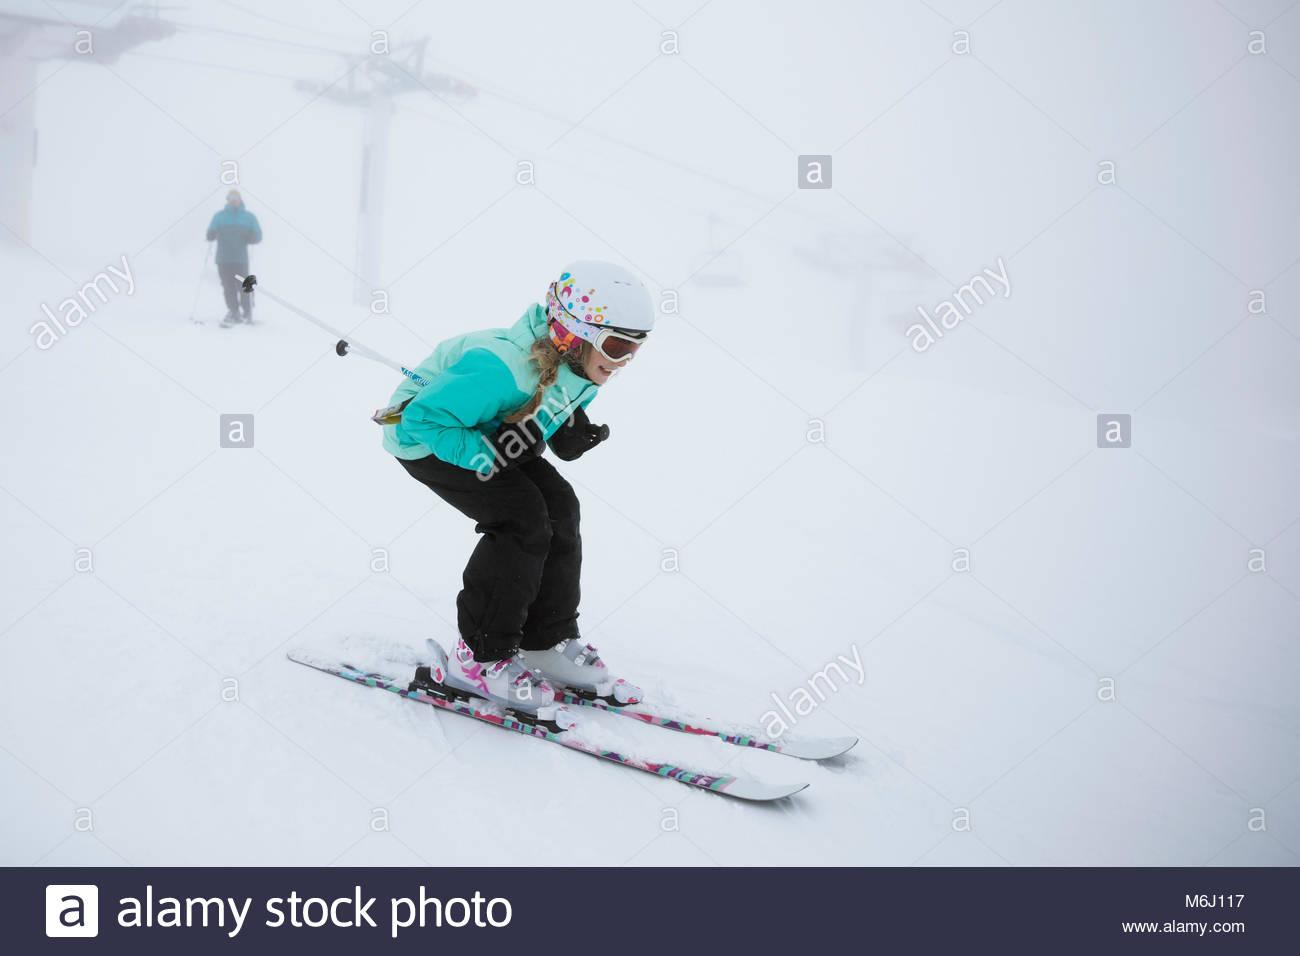 Girl skier skiing in snow - Stock Image